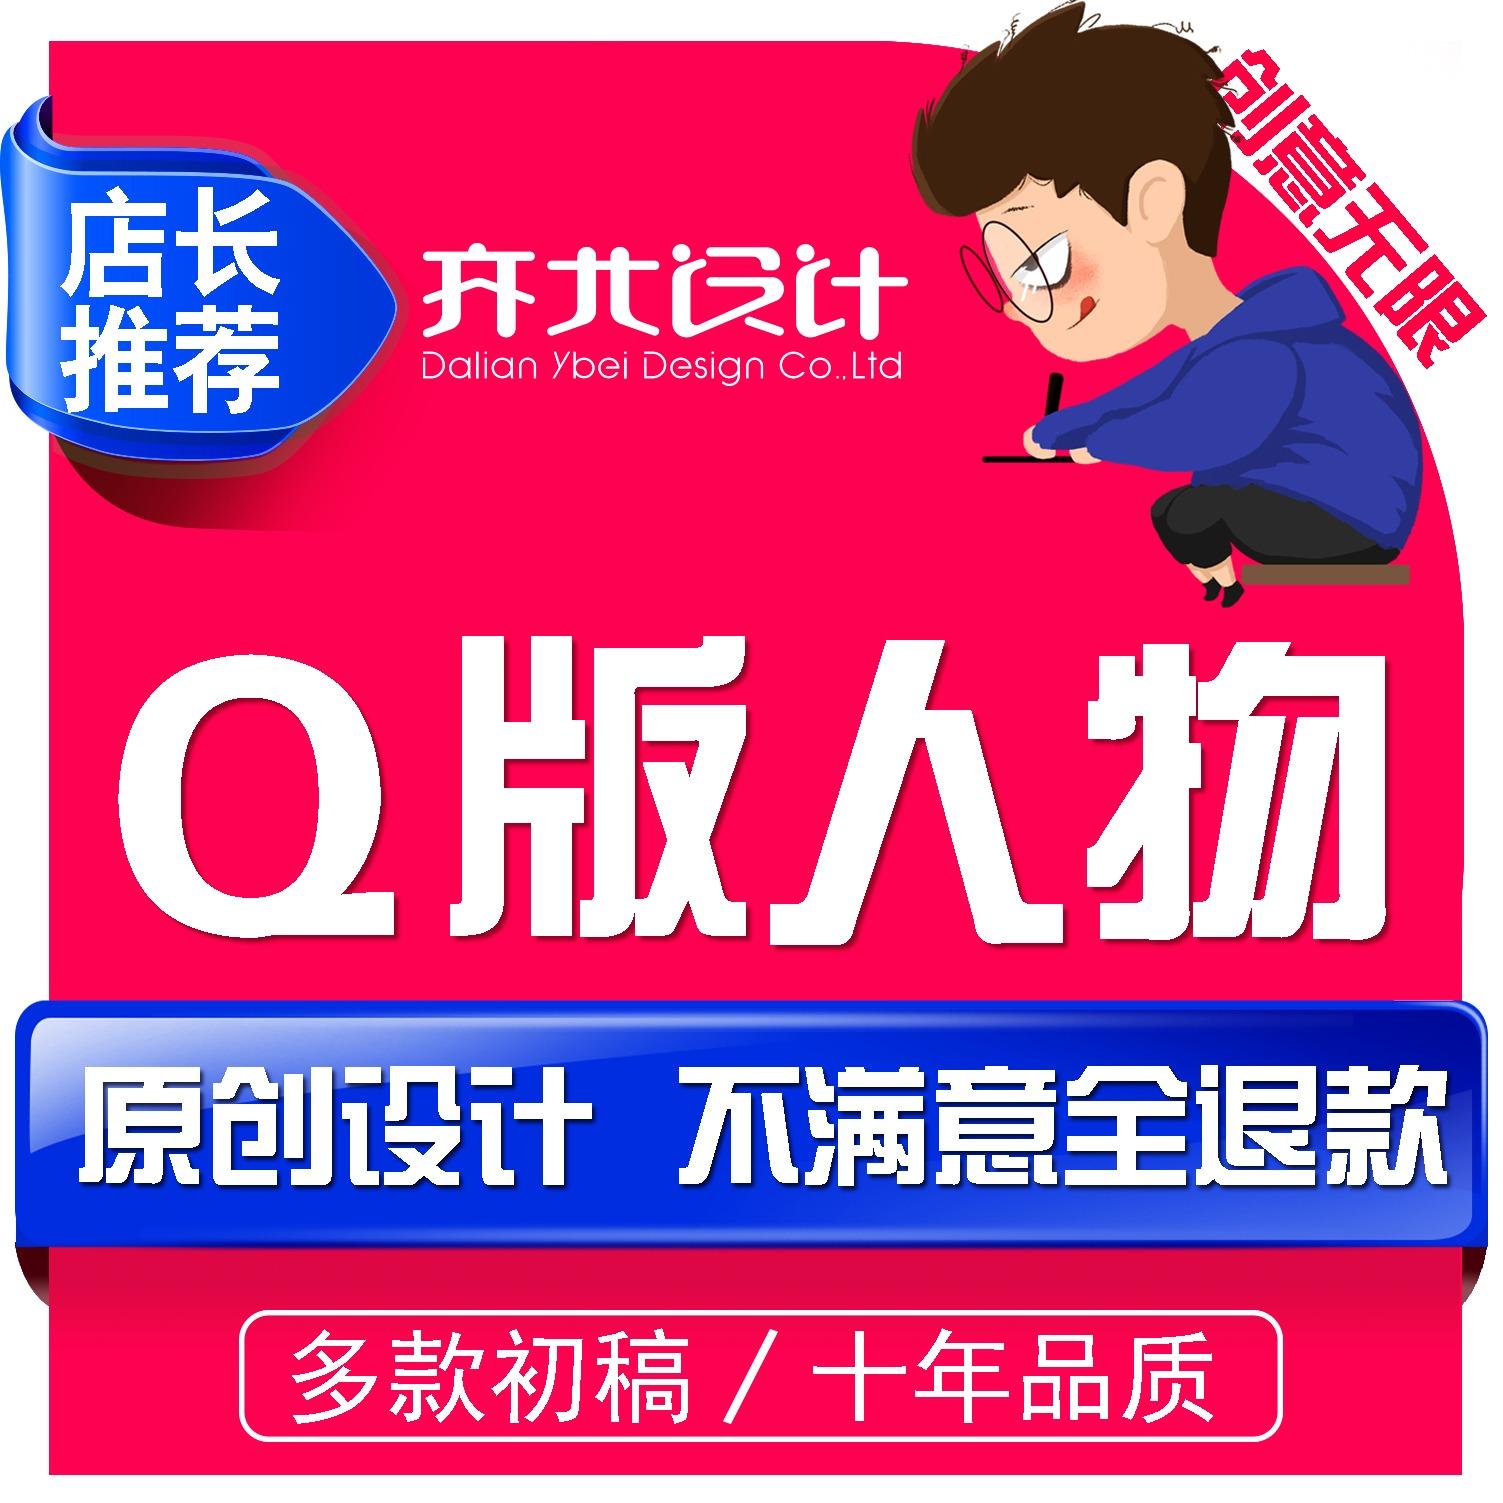 【萌萌哒Q版头像】卡通Q版人物、照片转手绘 Q版人物设计